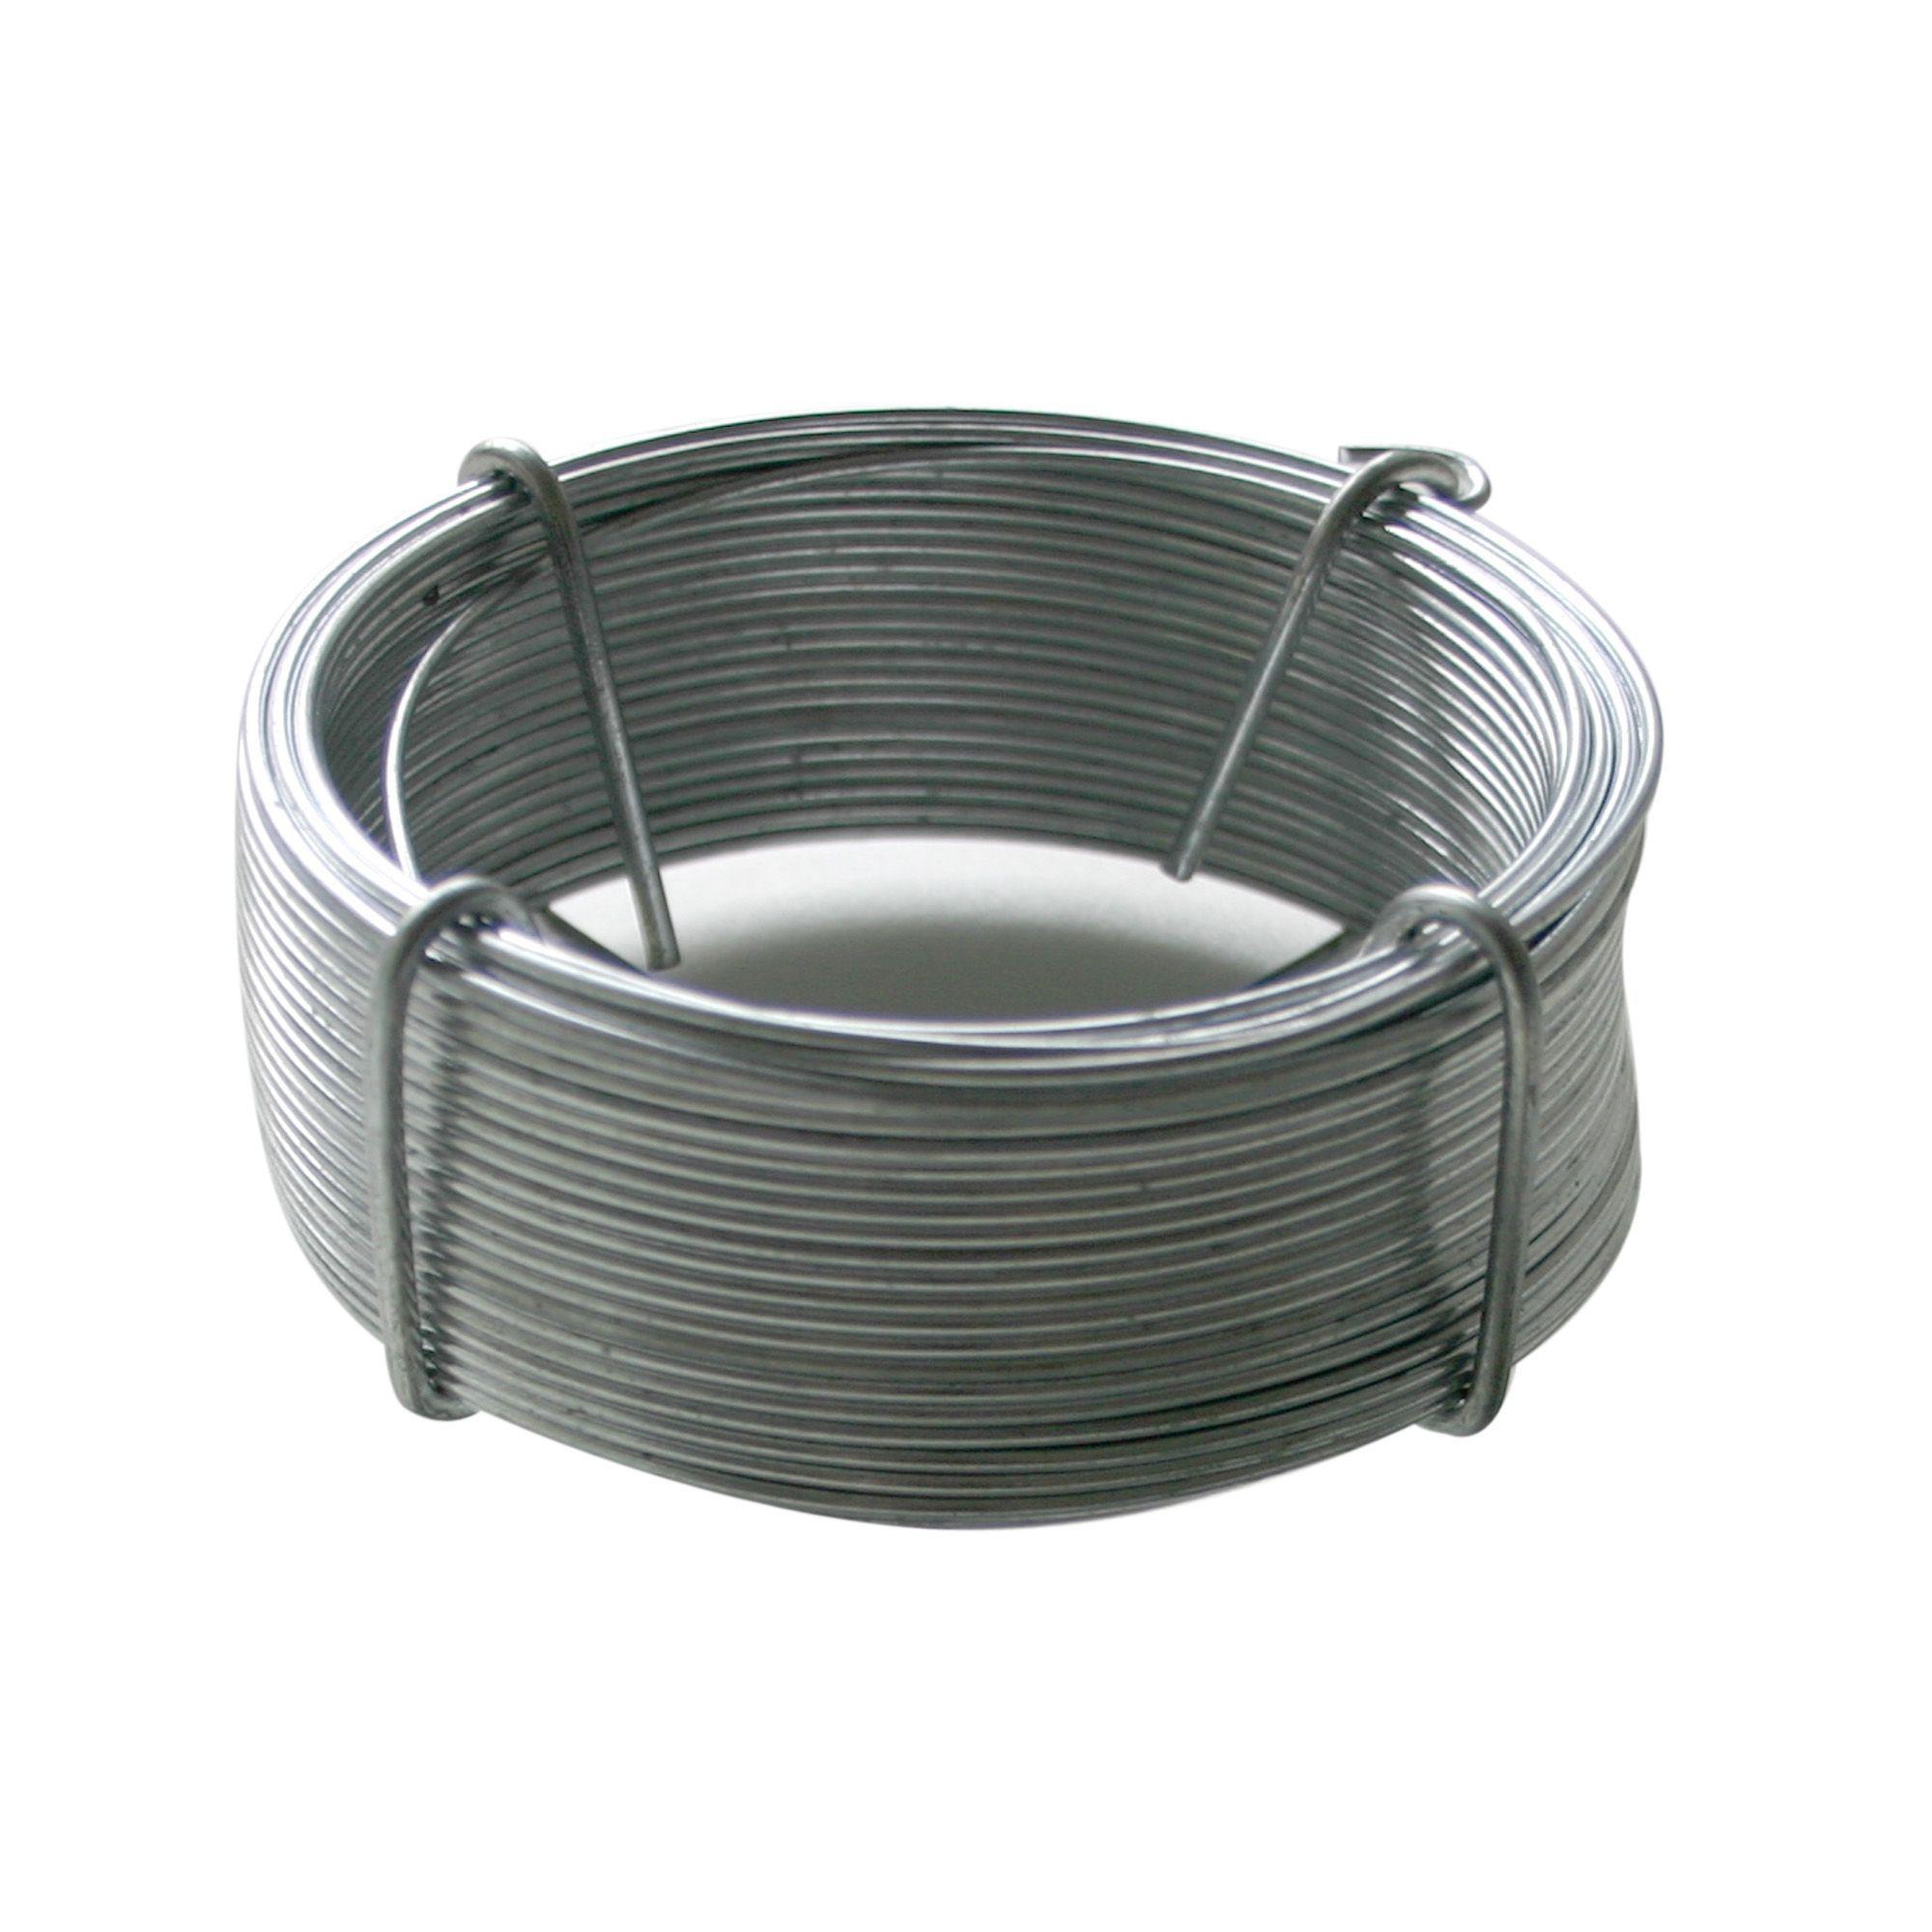 Gardman Galvanised Steel Garden Wire L50m Departments DIY at BQ